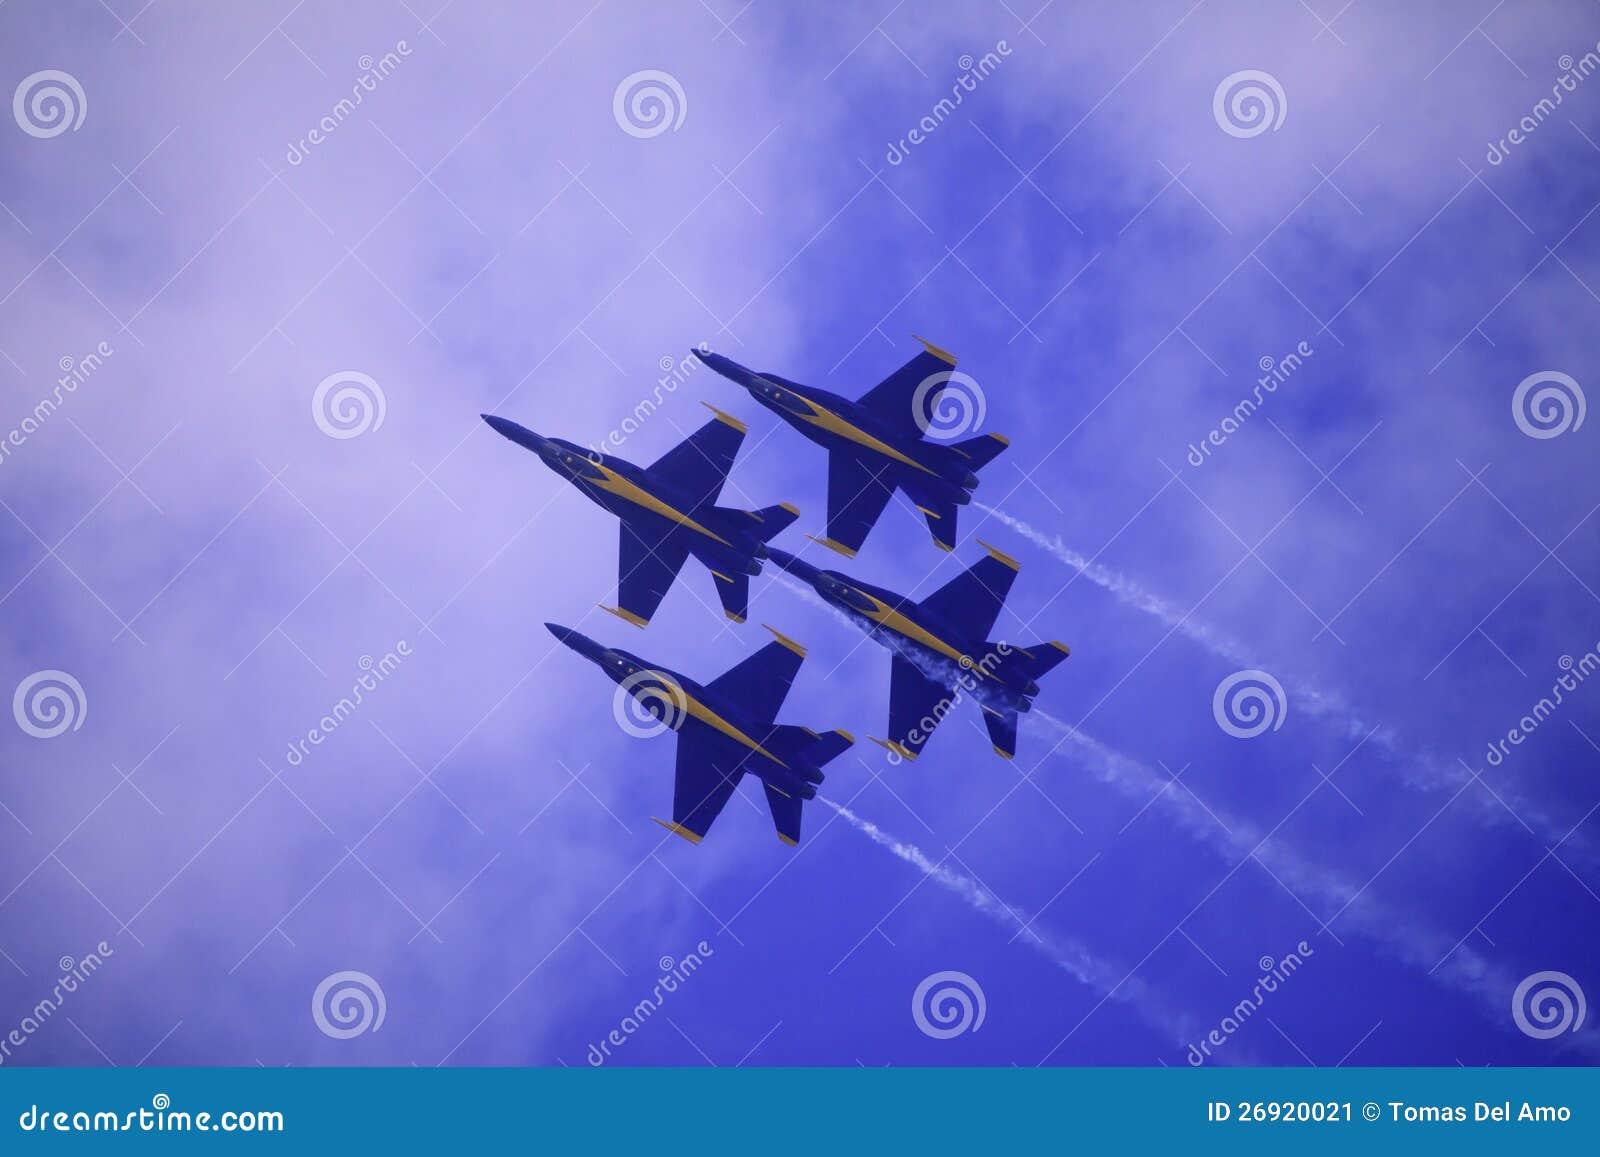 Blauwe Engelen in Kaneohe Airshow